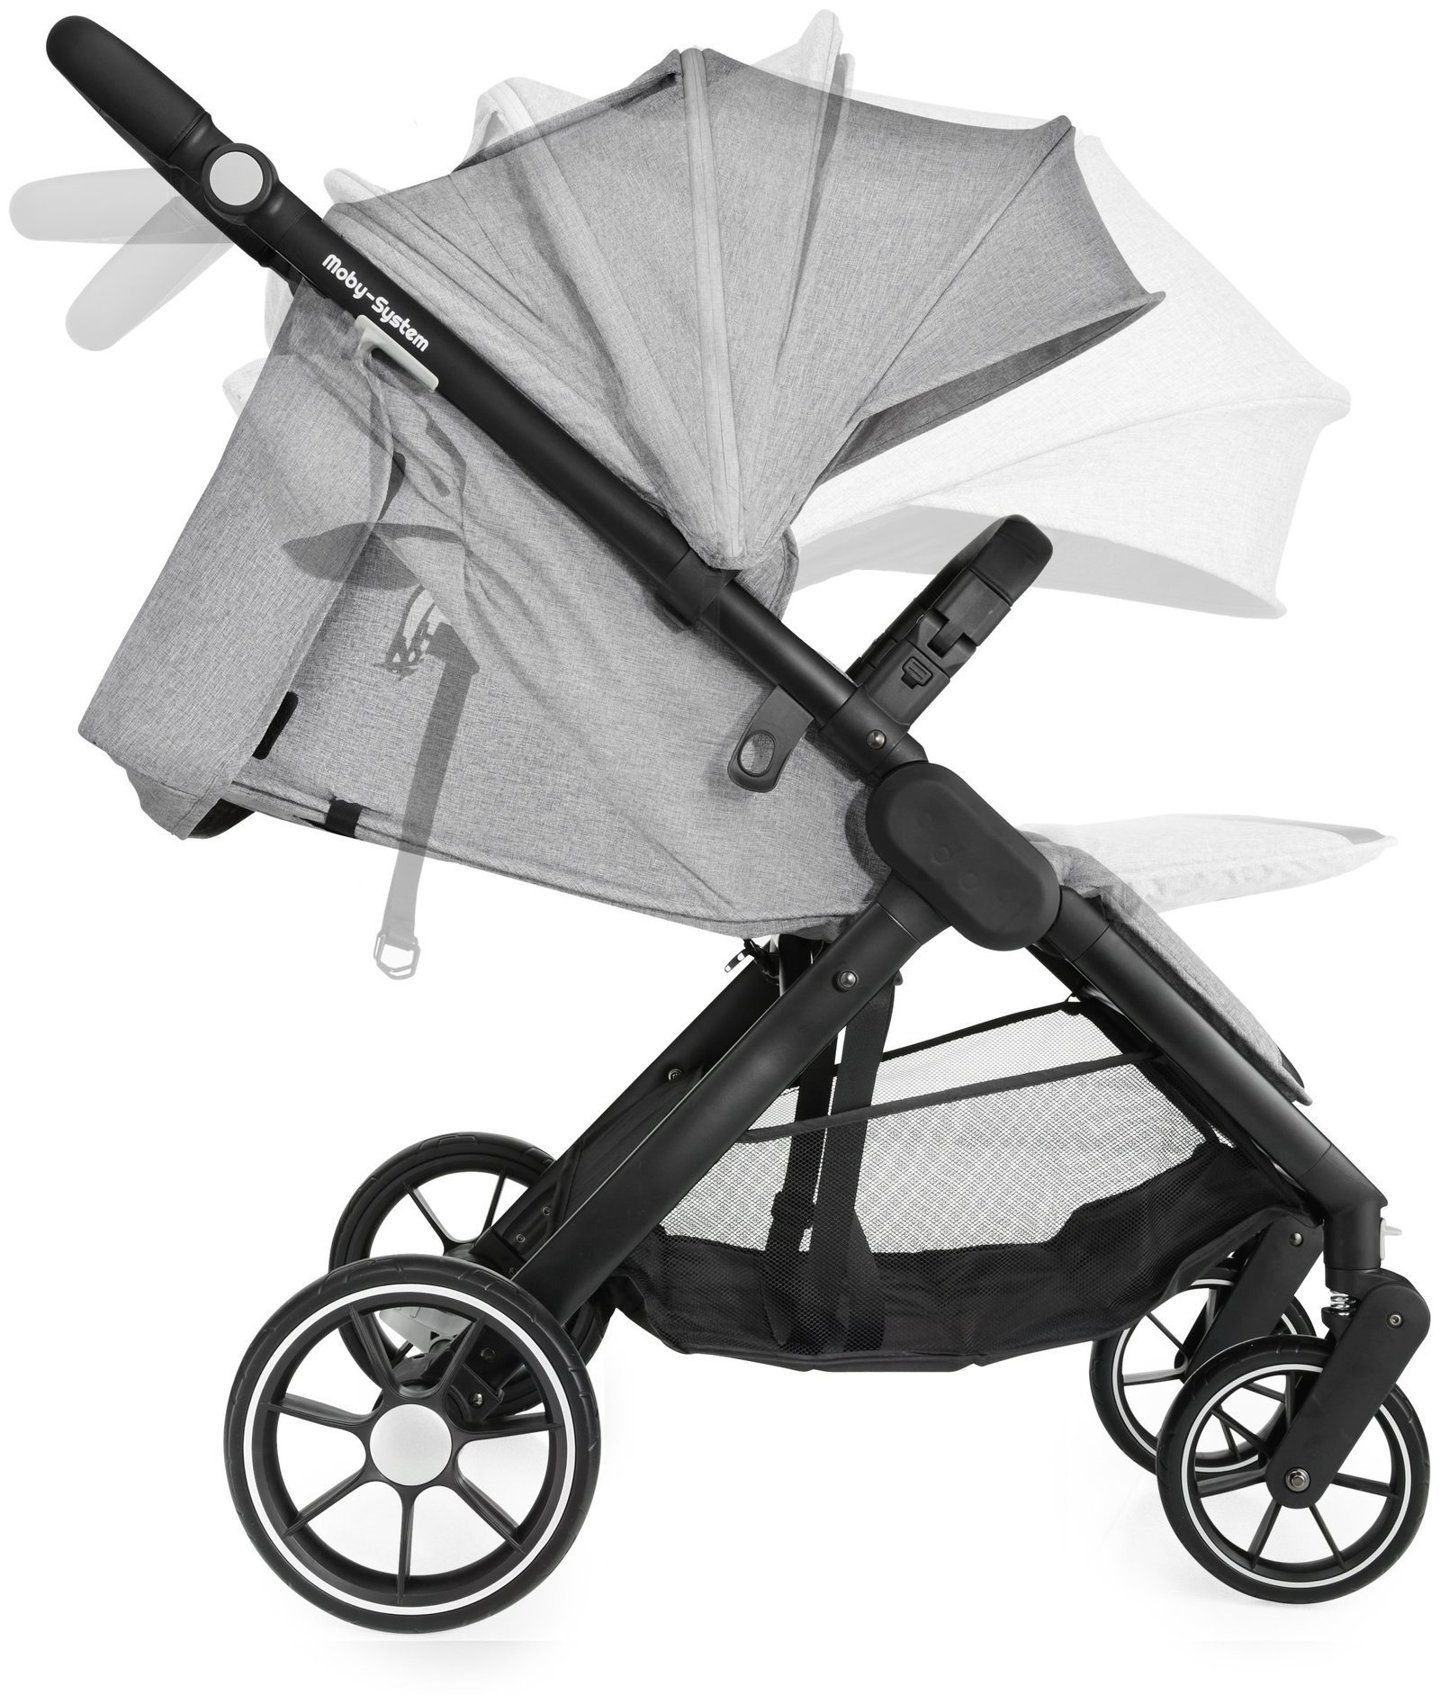 Wózek spacerowy dziecięcy Moby-System NADIA - szary